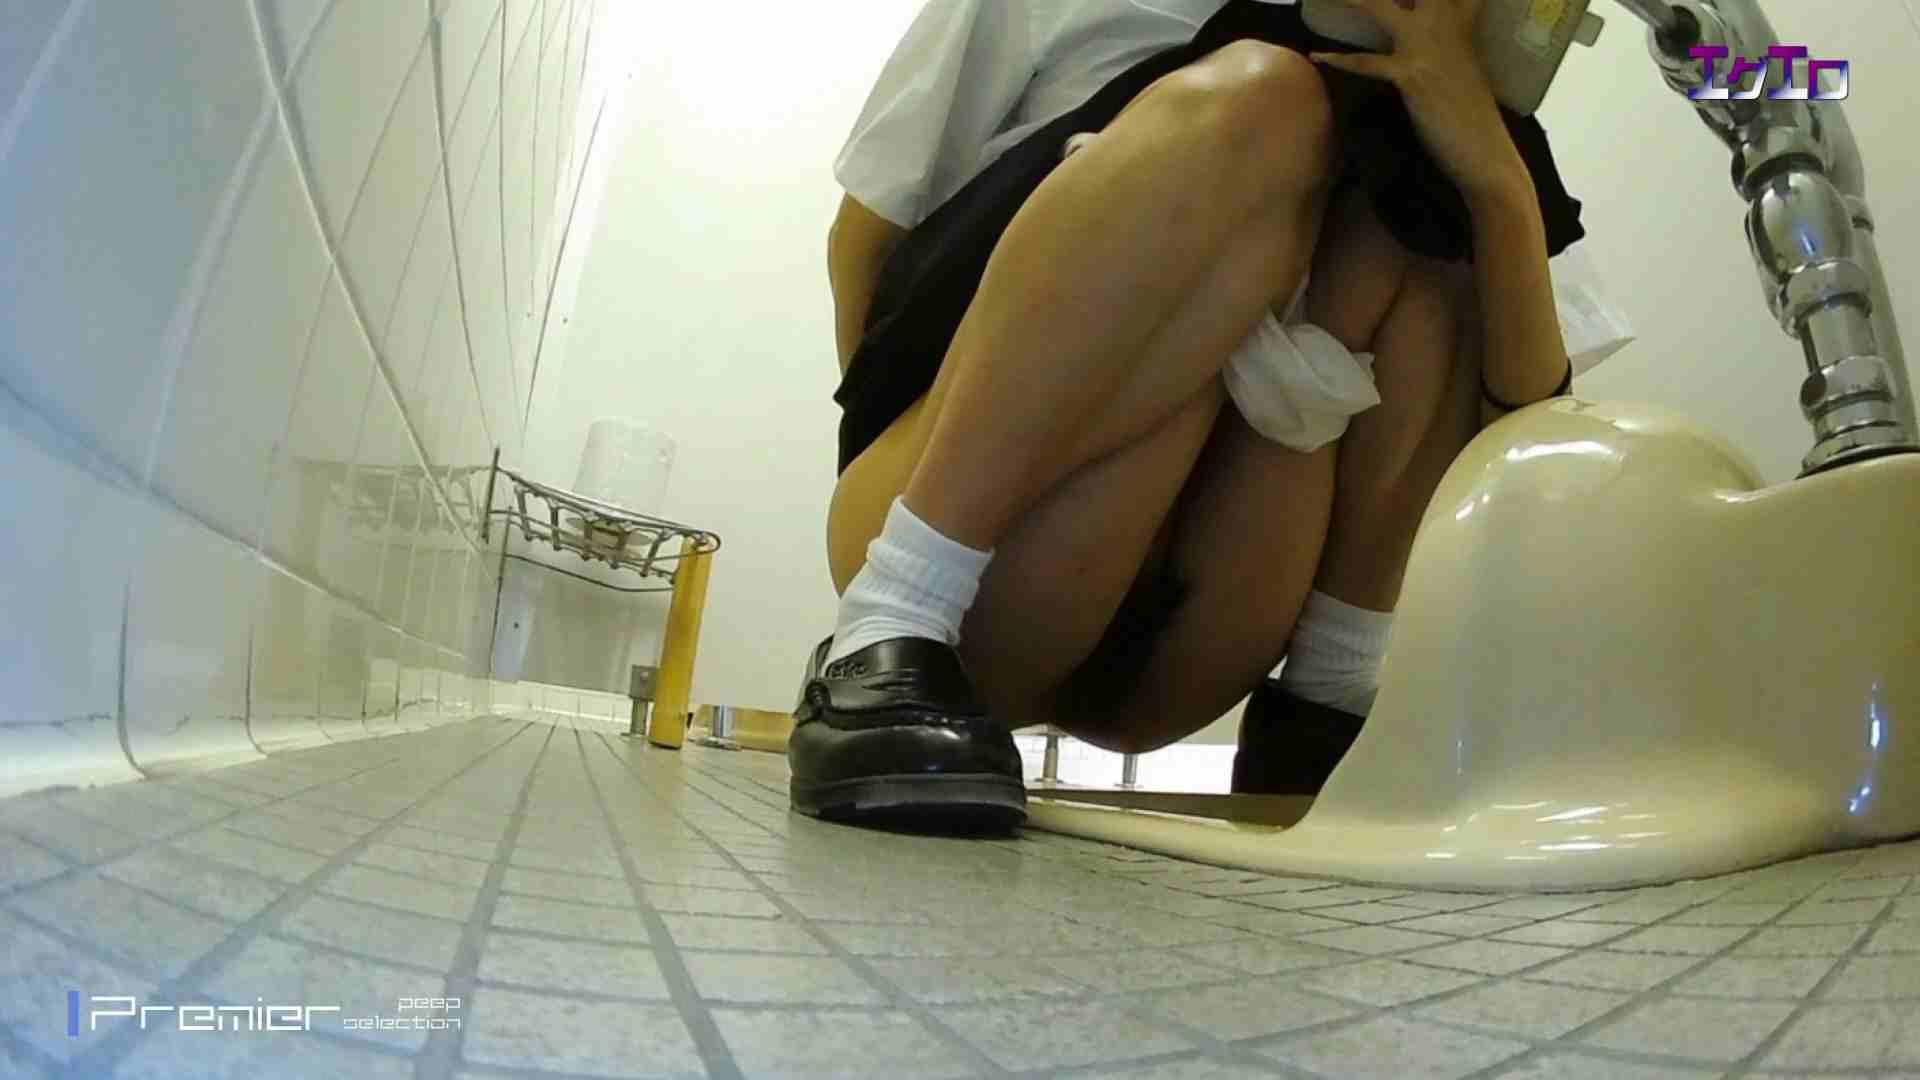 執念の撮影&追撮!!某女子校の通学路にあるトイレ 至近距離洗面所 Vol.16 洗面所 | トイレ盗撮  58pic 28